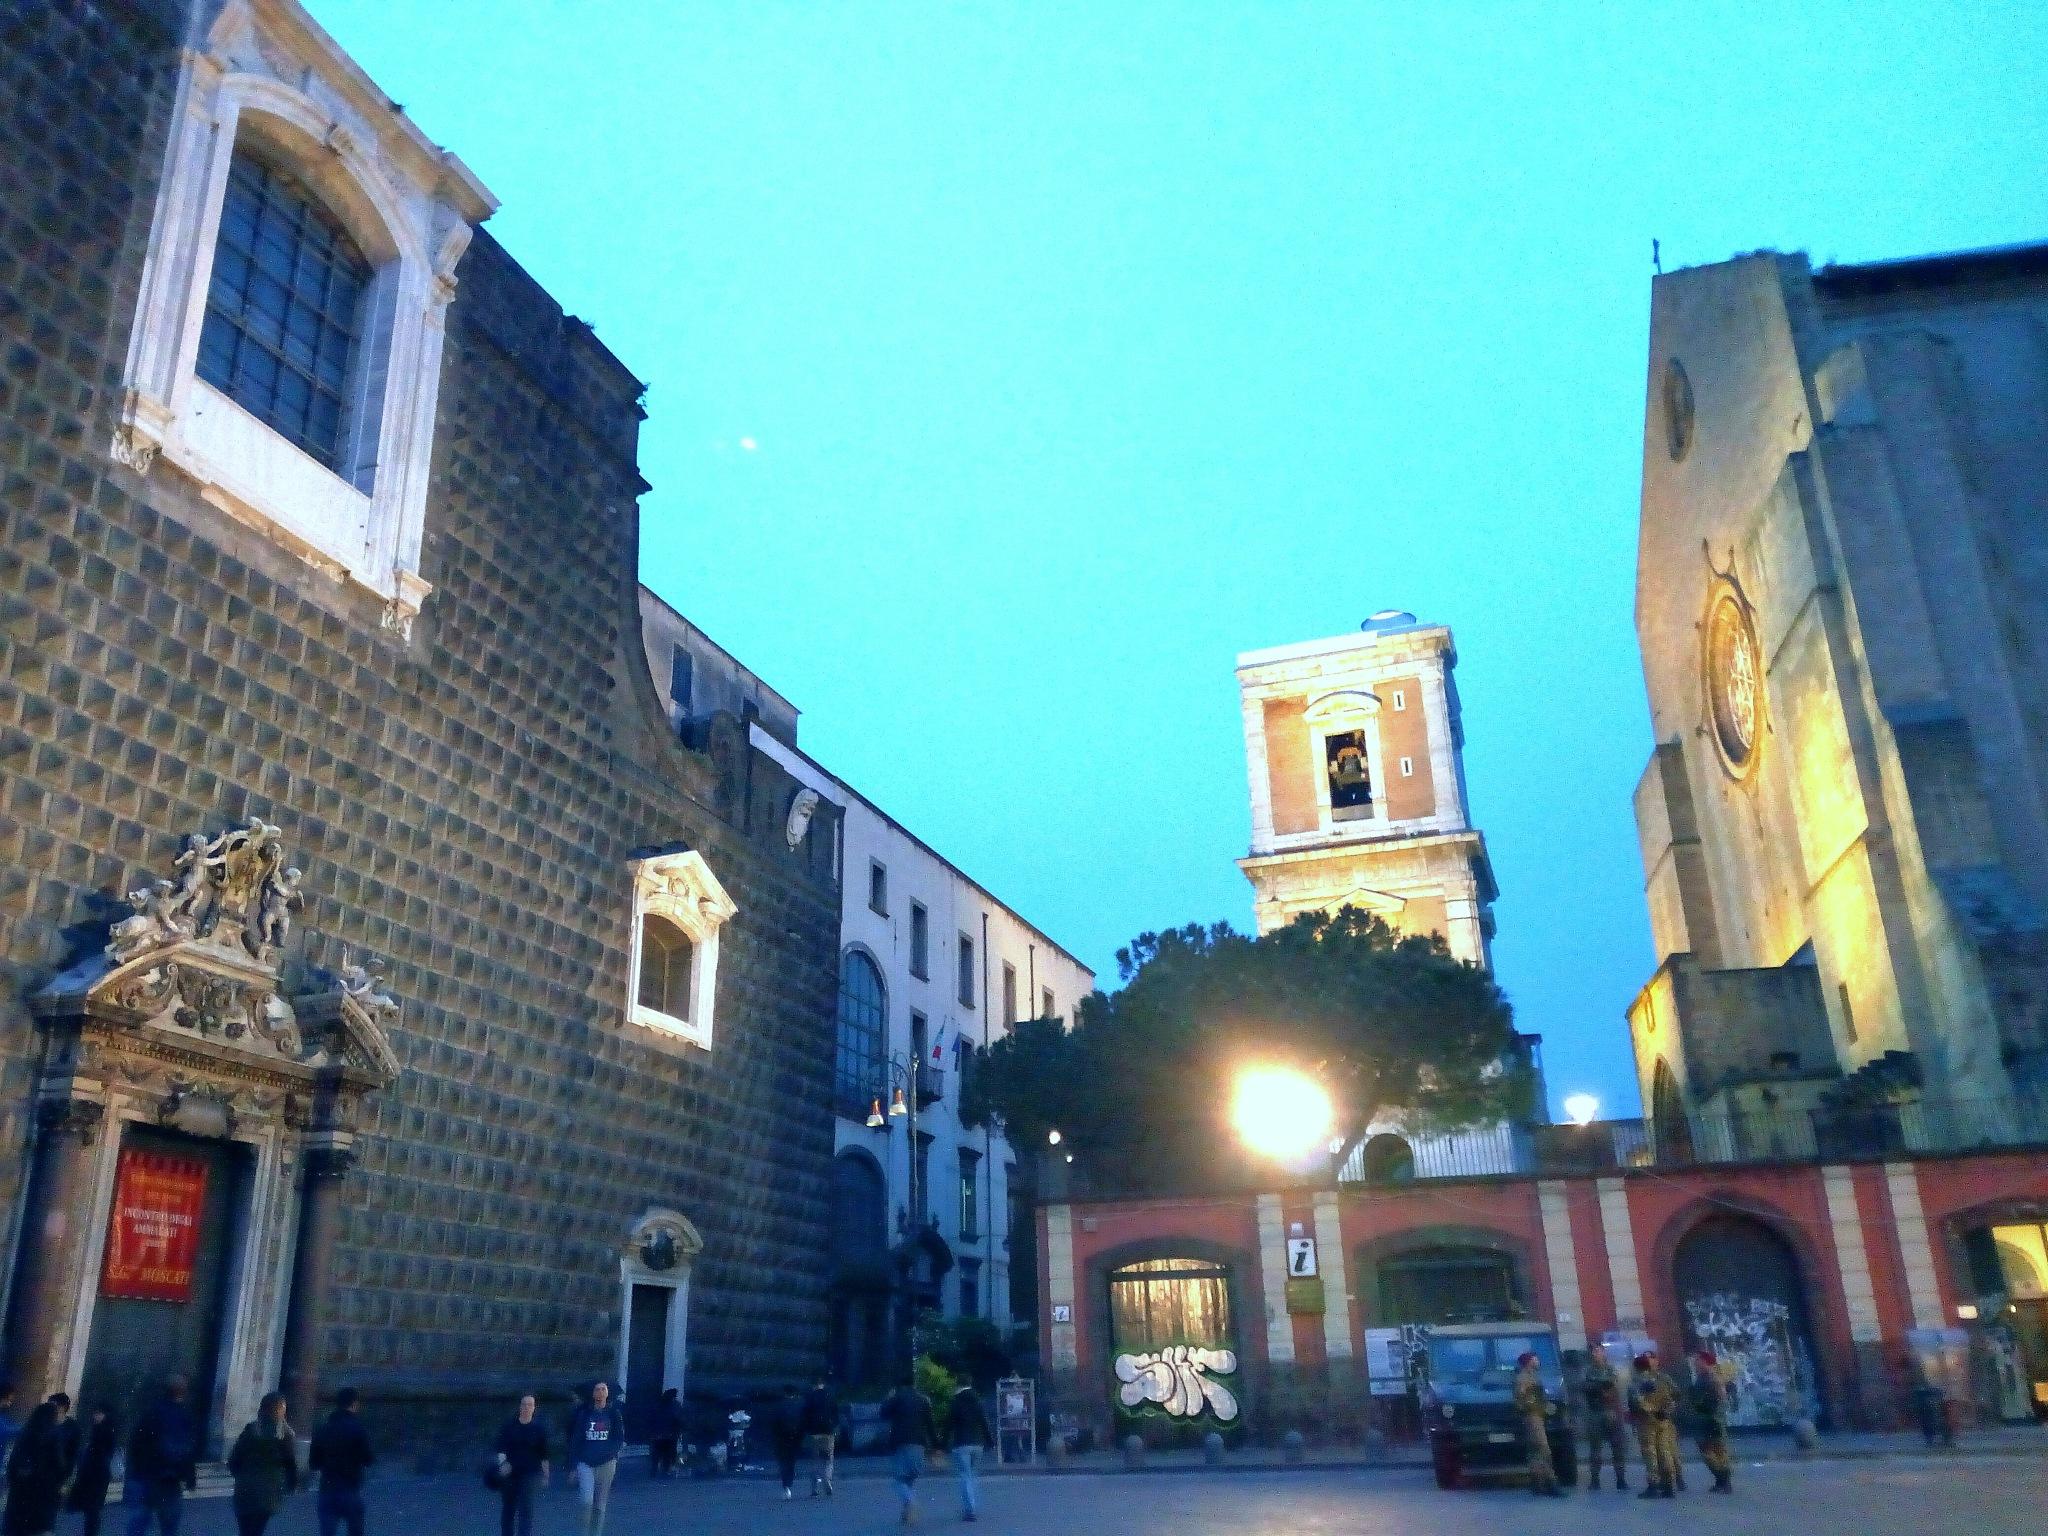 Gesù Square by Francesco Nick